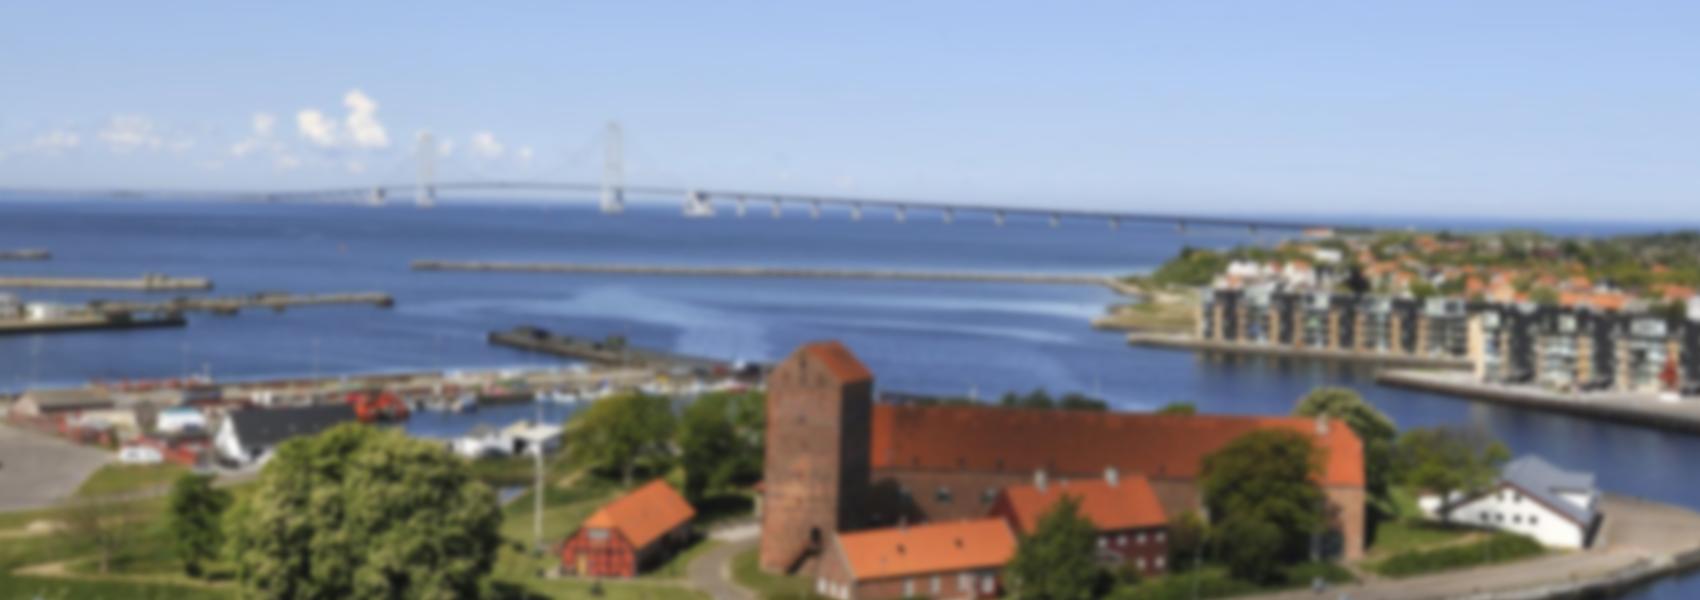 Dänemarks SK Forsyning vor dem Gridstream AMI-Rollout